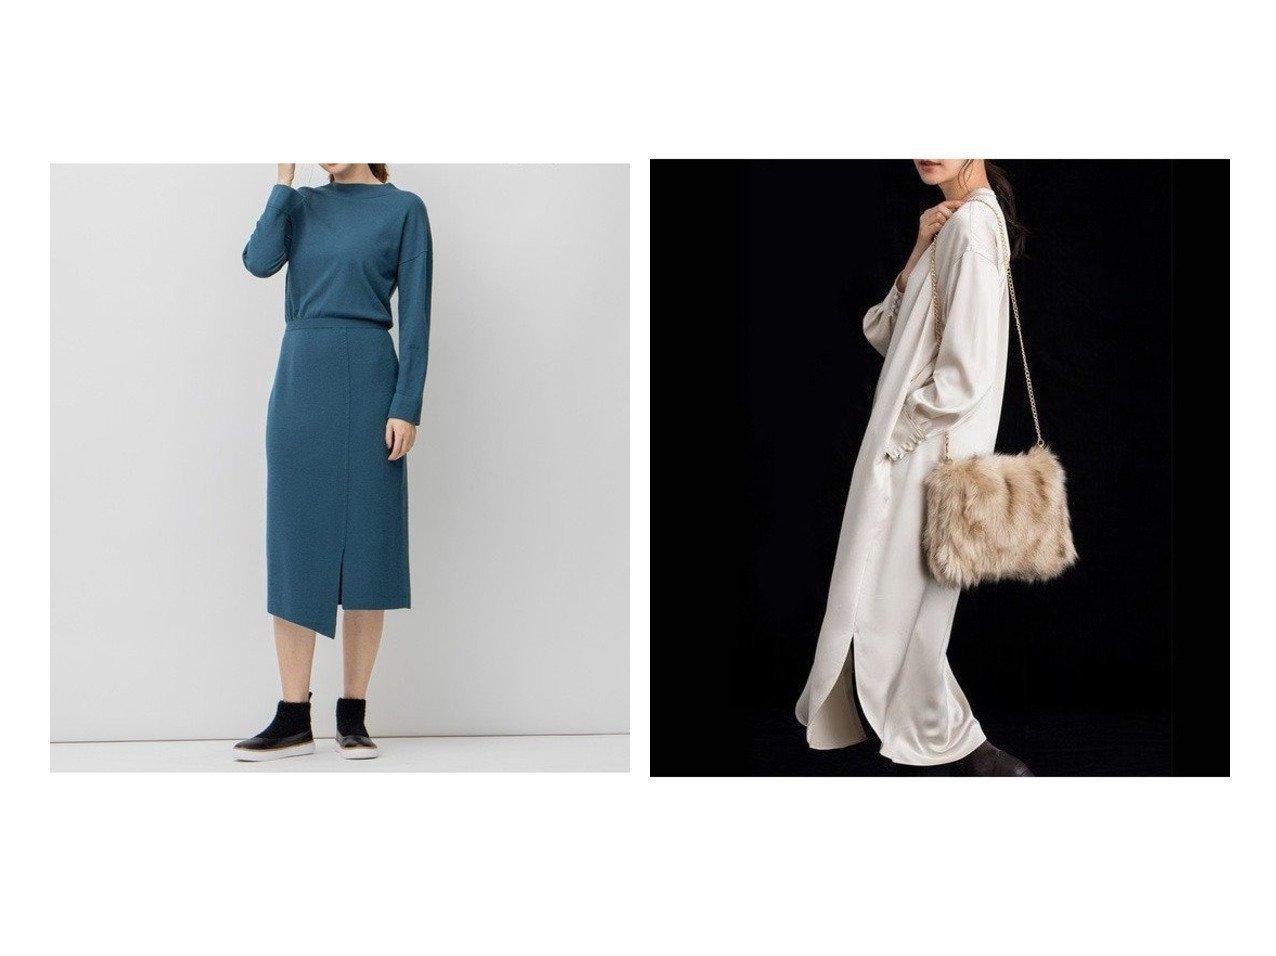 【JIYU-KU/自由区】の【UNFILO】レーヨンウール ニット ワンピース&【UNFILO・Sサイズ有】ドレープサテン シャツワンピース ワンピース・ドレスのおすすめ!人気、トレンド・レディースファッションの通販 おすすめで人気の流行・トレンド、ファッションの通販商品 メンズファッション・キッズファッション・インテリア・家具・レディースファッション・服の通販 founy(ファニー) https://founy.com/ ファッション Fashion レディースファッション WOMEN ワンピース Dress ニットワンピース Knit Dresses シャツワンピース Shirt Dresses シンプル ストレッチ スリット ラップ 人気 抗菌 雑誌 ヴィンテージ カフス クラシック サテン ドレープ バランス フィット フラット フロント 羽織 |ID:crp329100000009396